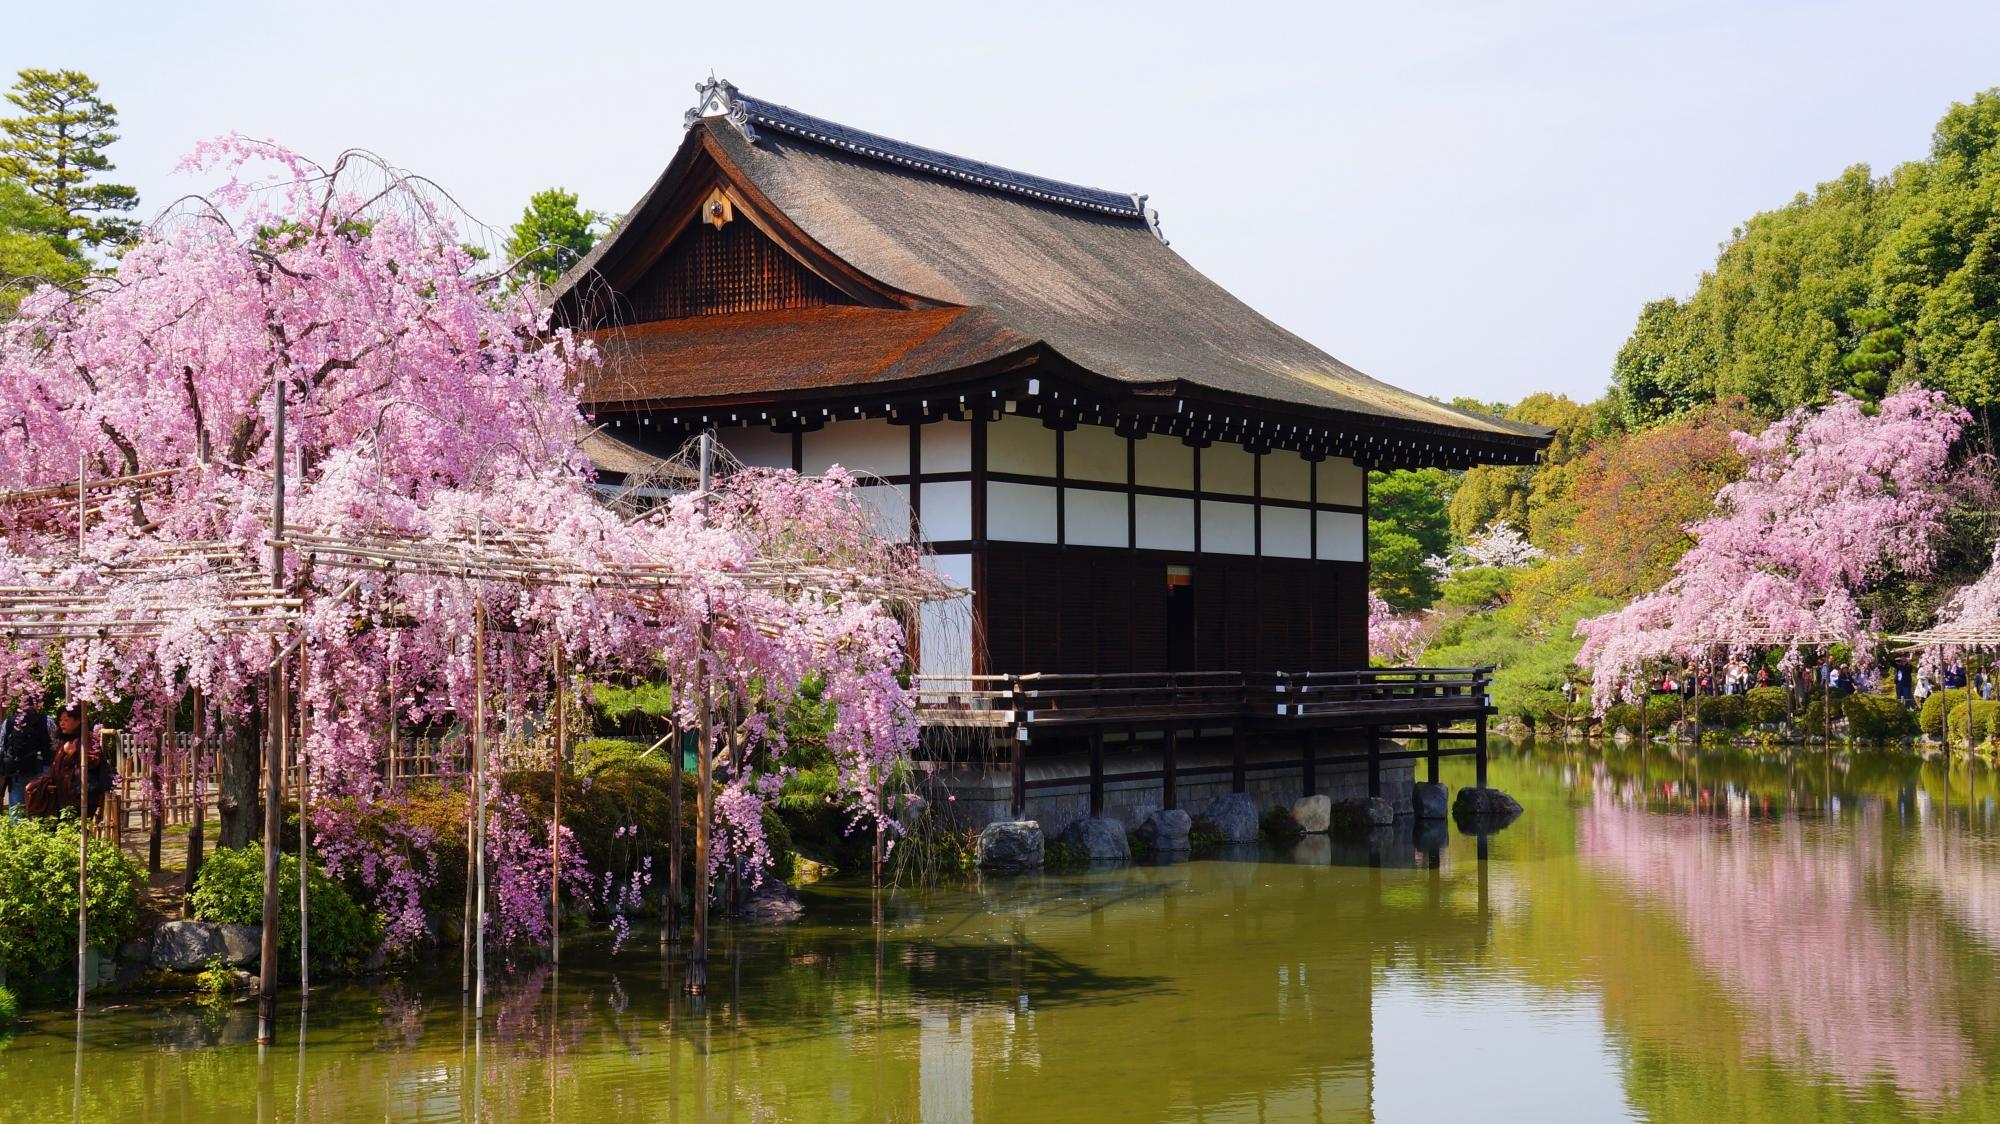 上品な尚美館を華やかに彩る桜